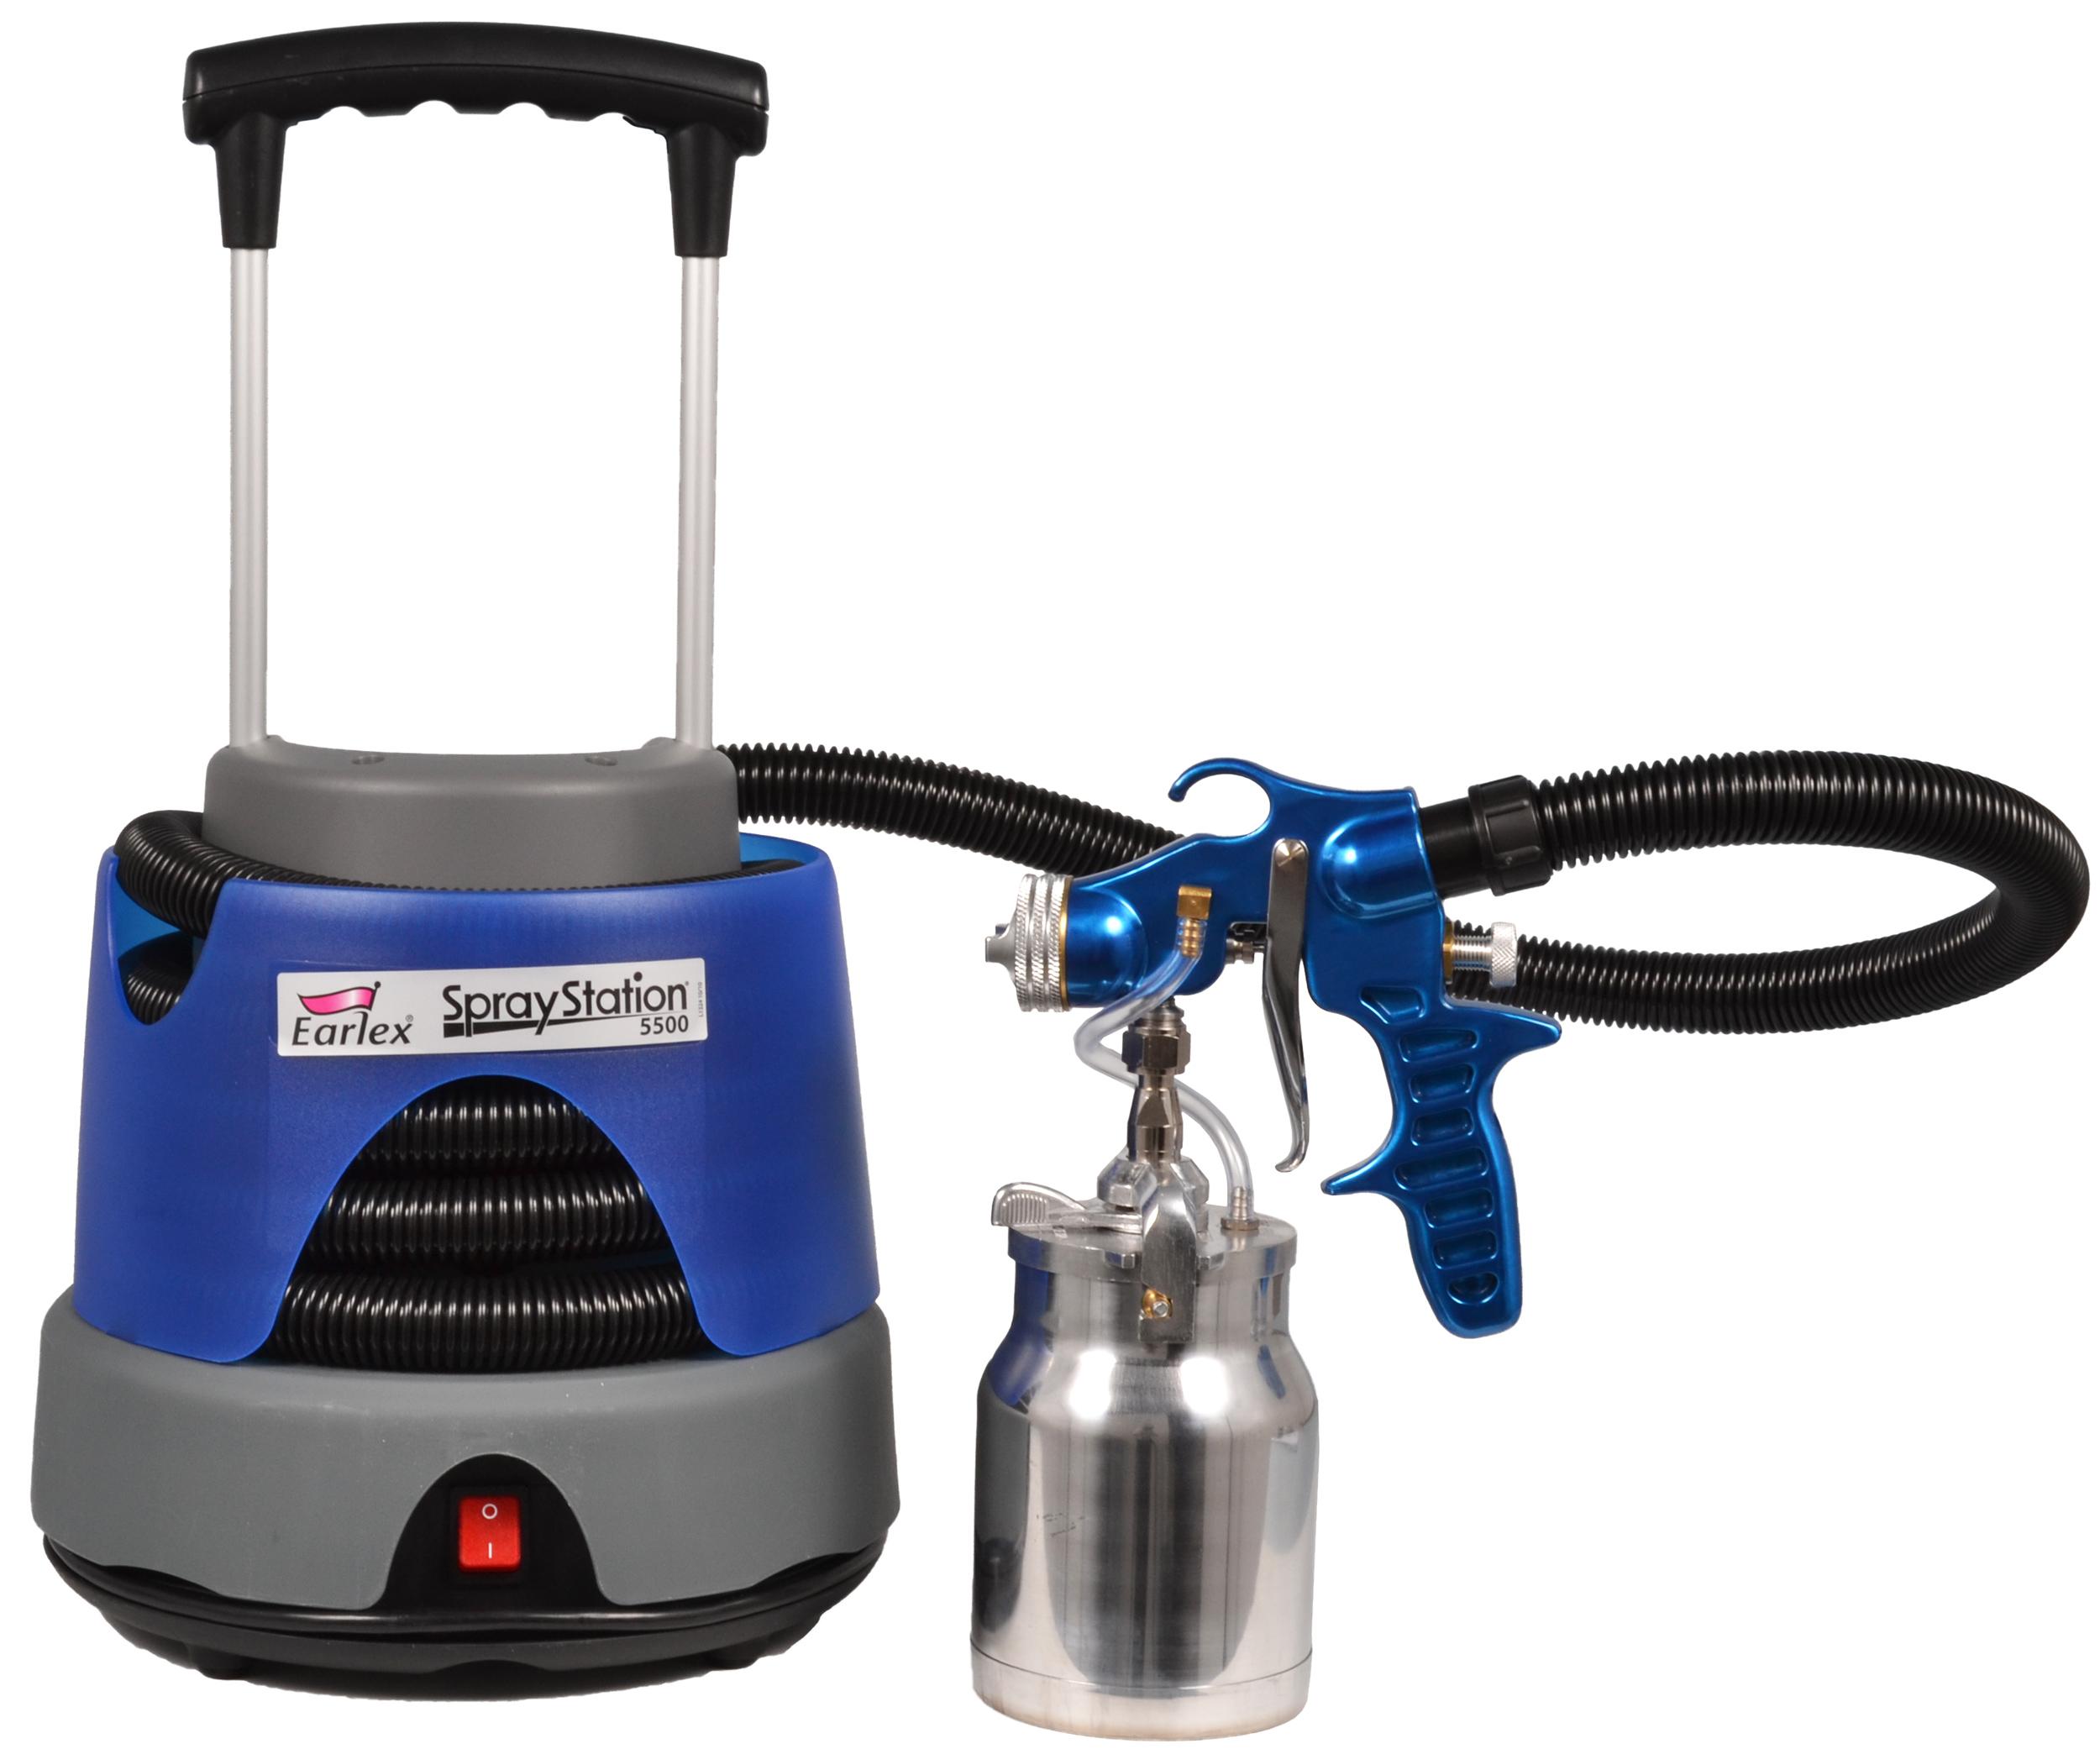 earlex spray station hv5500 earlex. Black Bedroom Furniture Sets. Home Design Ideas